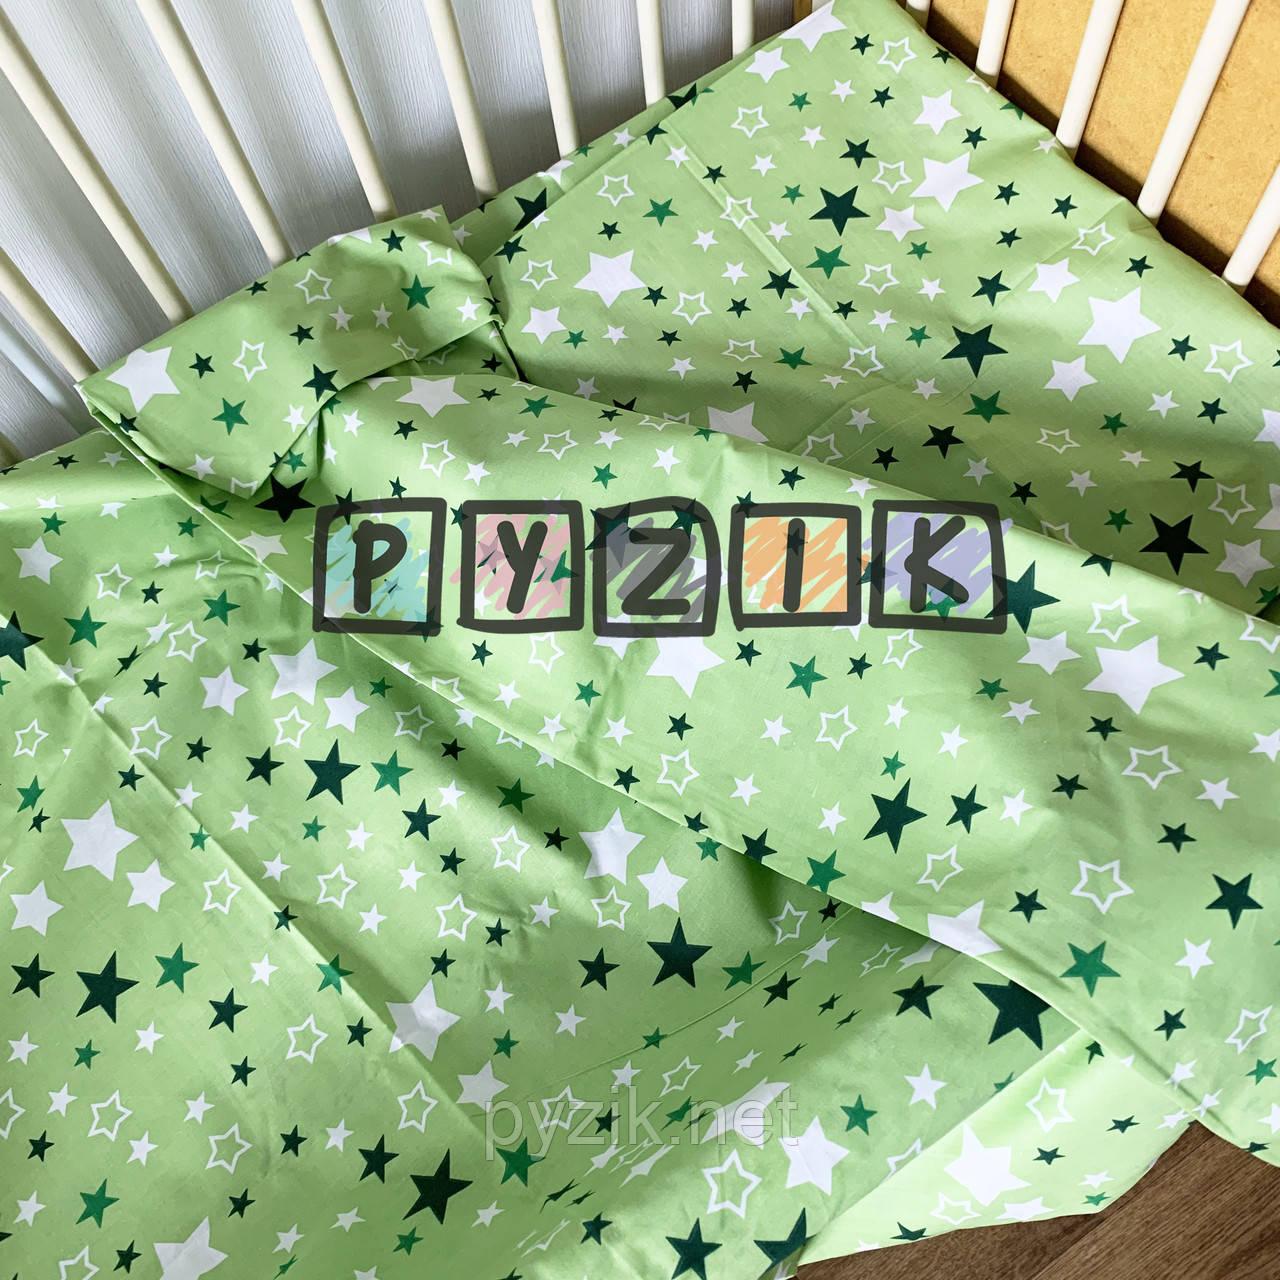 Постельный набор в детскую кроватку (3 предмета) Звездочка 3